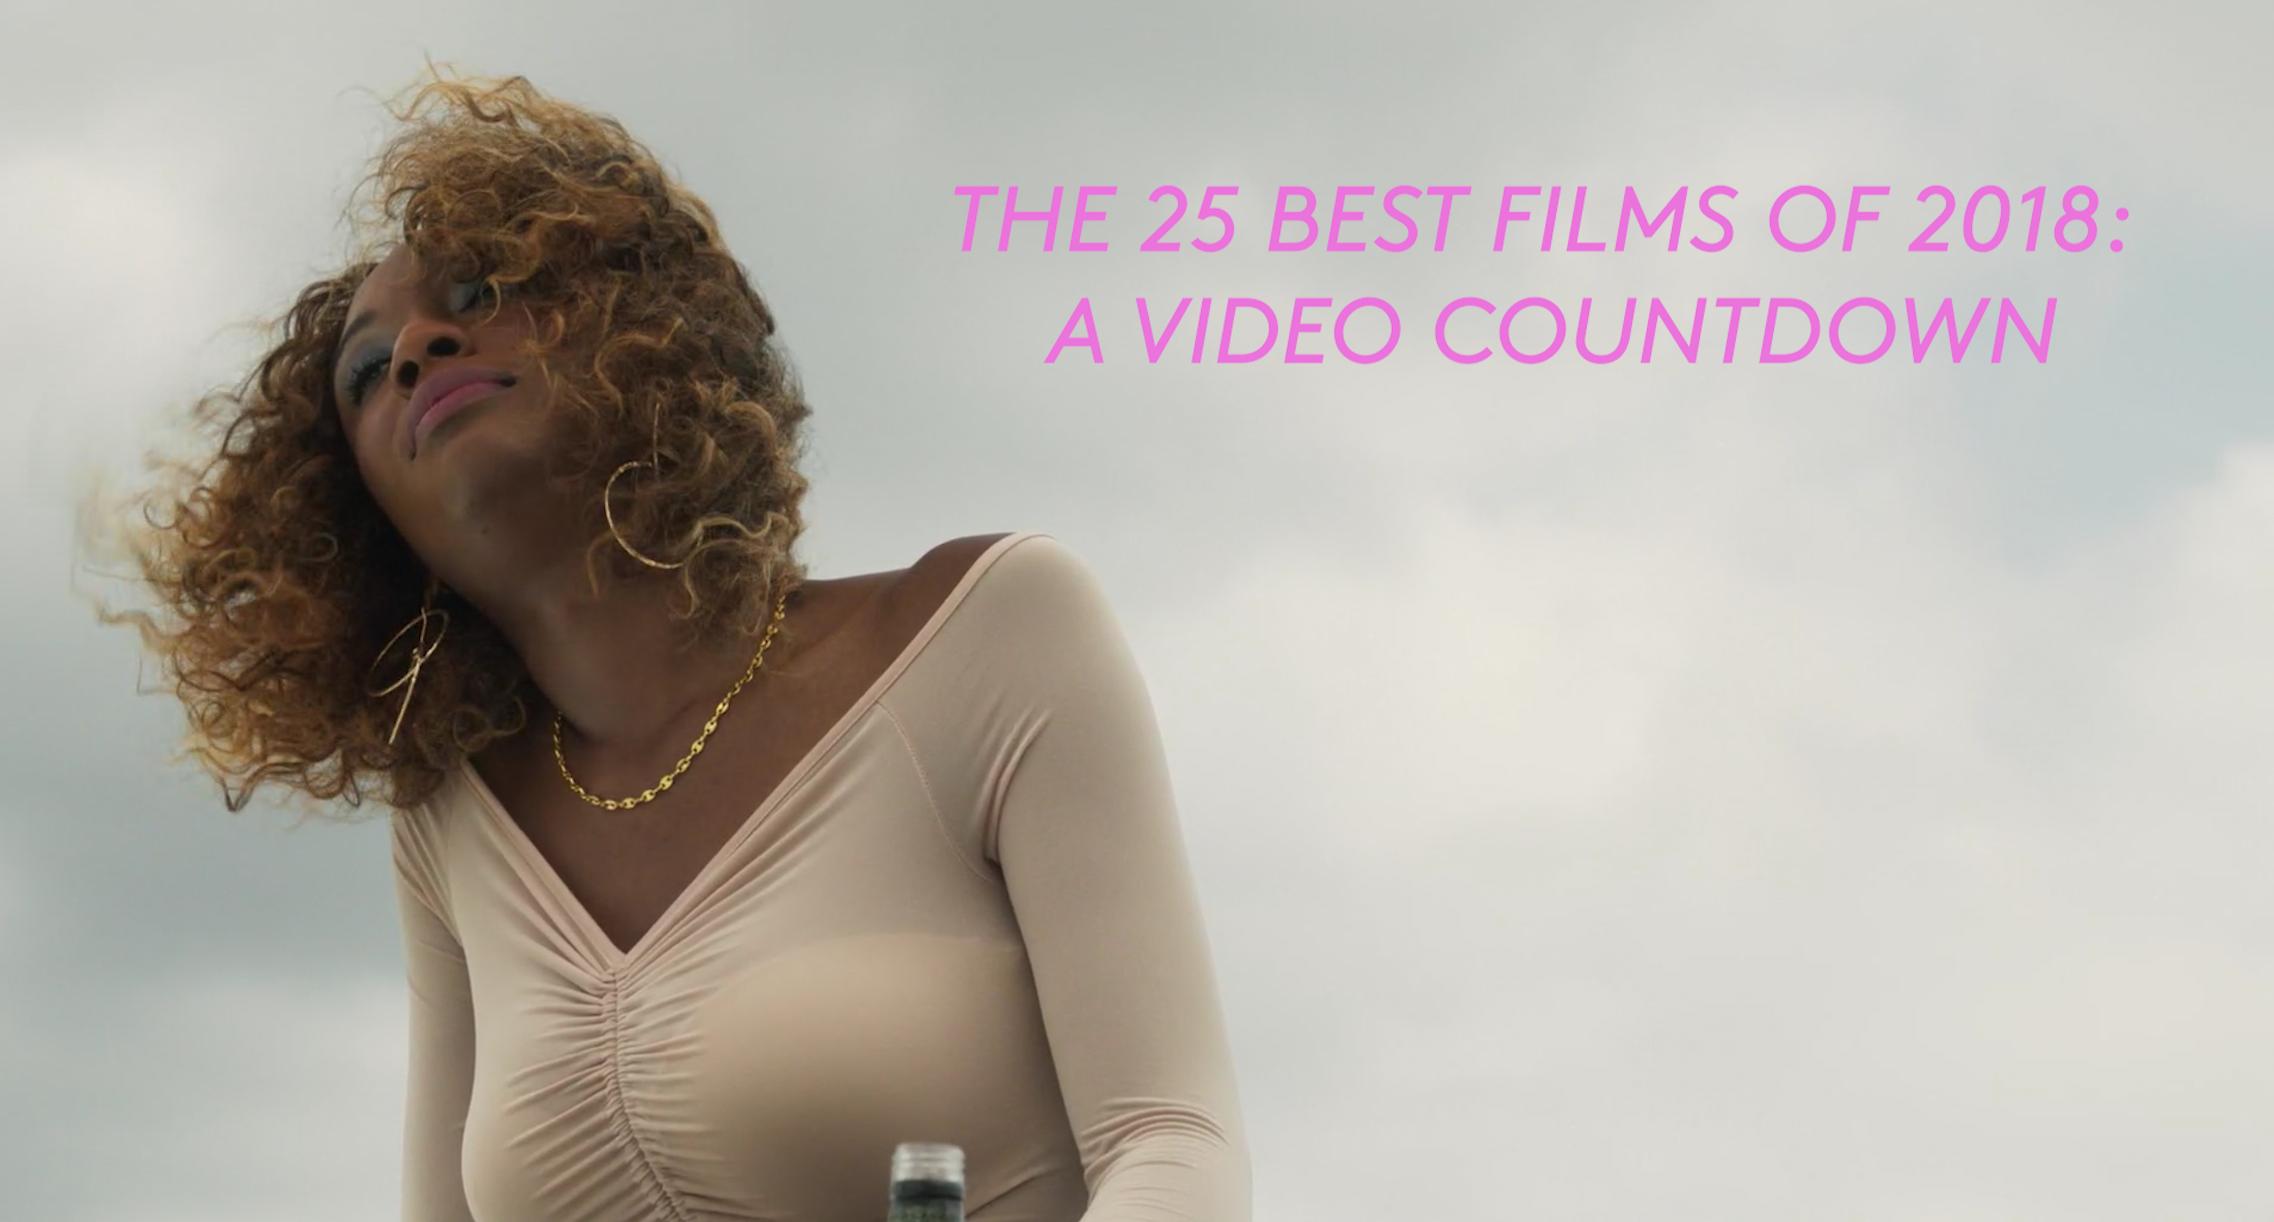 David Ehrlich Best Of 2021 David Ehrlich's 25 Best Movies of 2018 Video Countdown | IndieWire